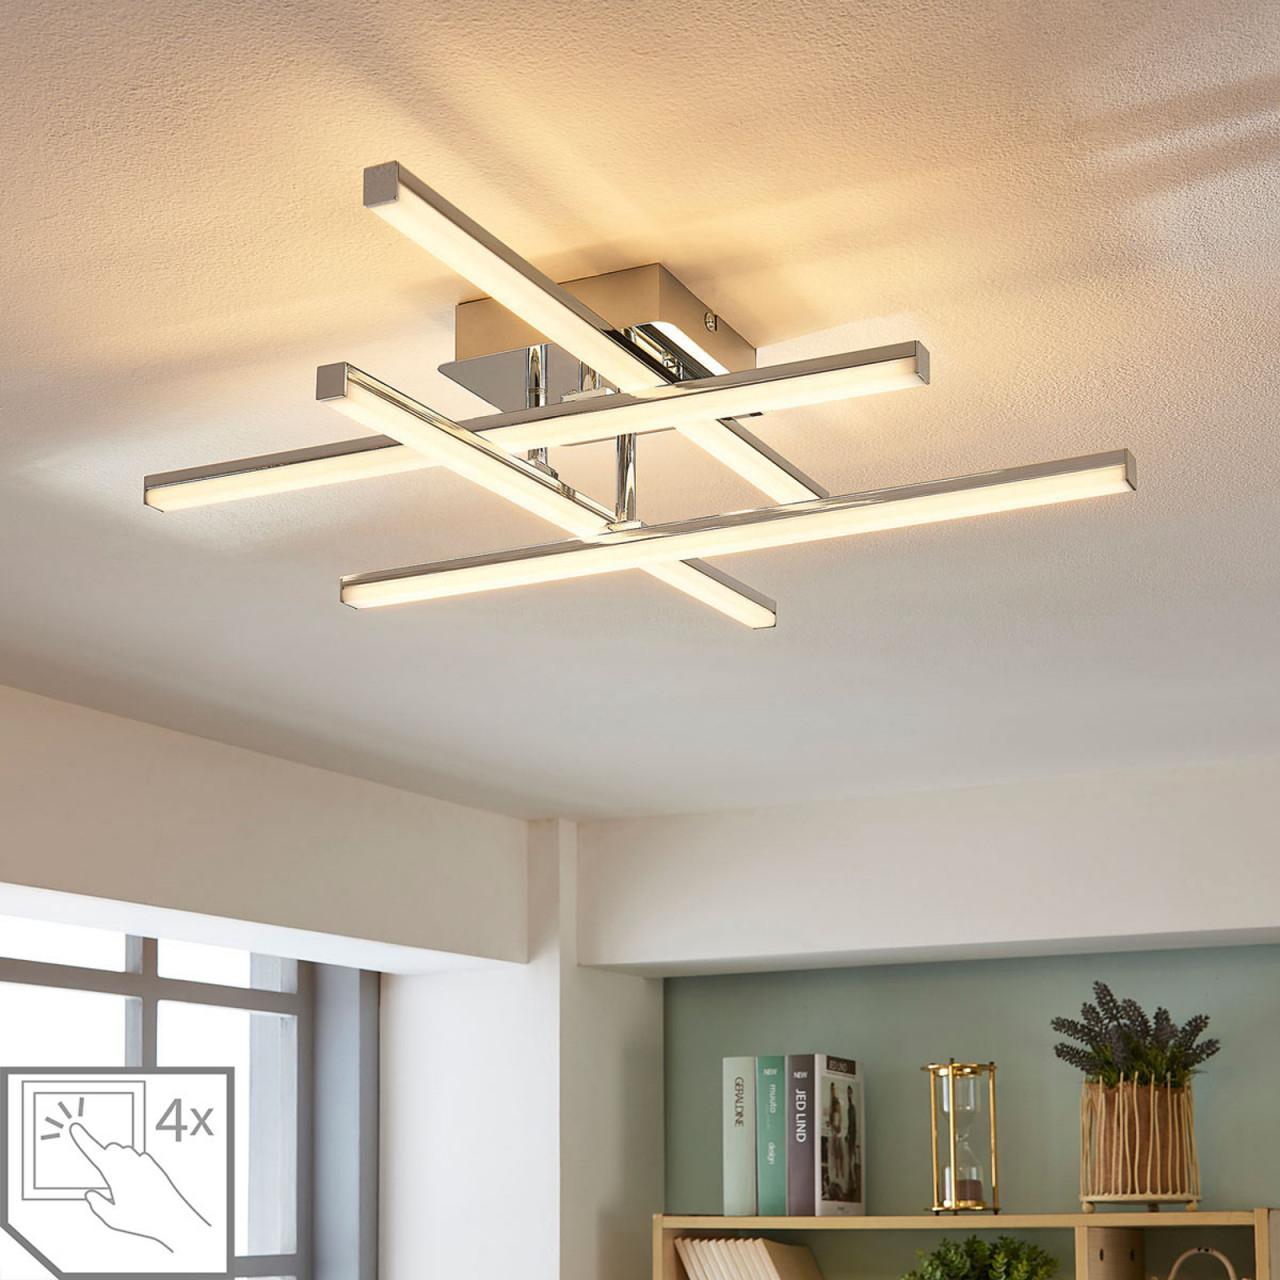 Möbel  Wohnaccessoires Küche Haushalt  Wohnen Für von Wohnzimmer Deckenlampe Led Dimmbar Photo